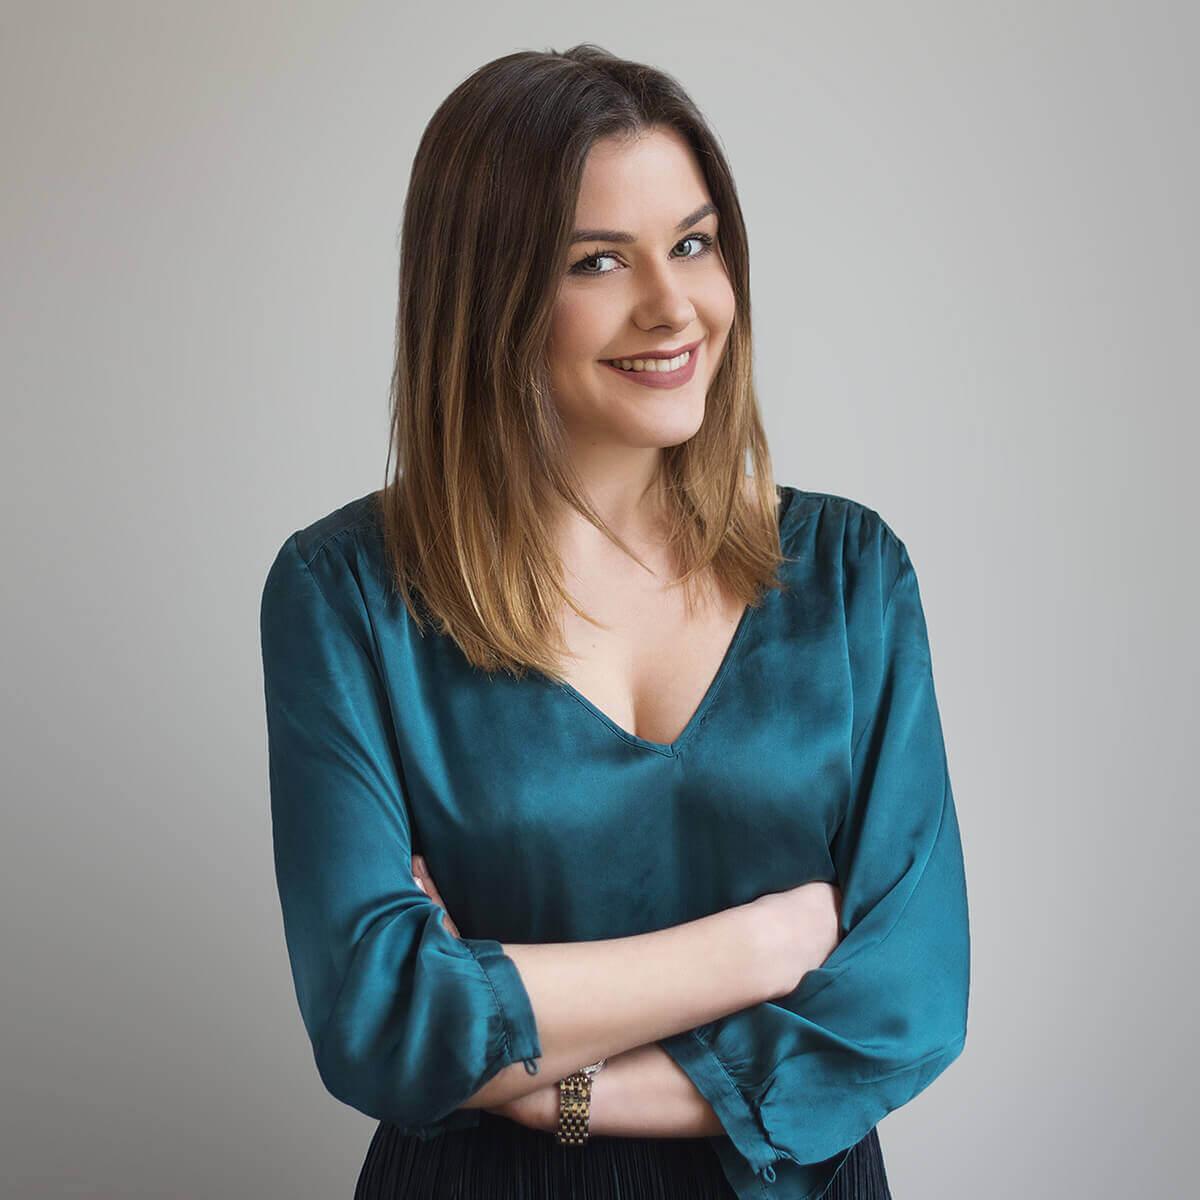 Justyna Masalska